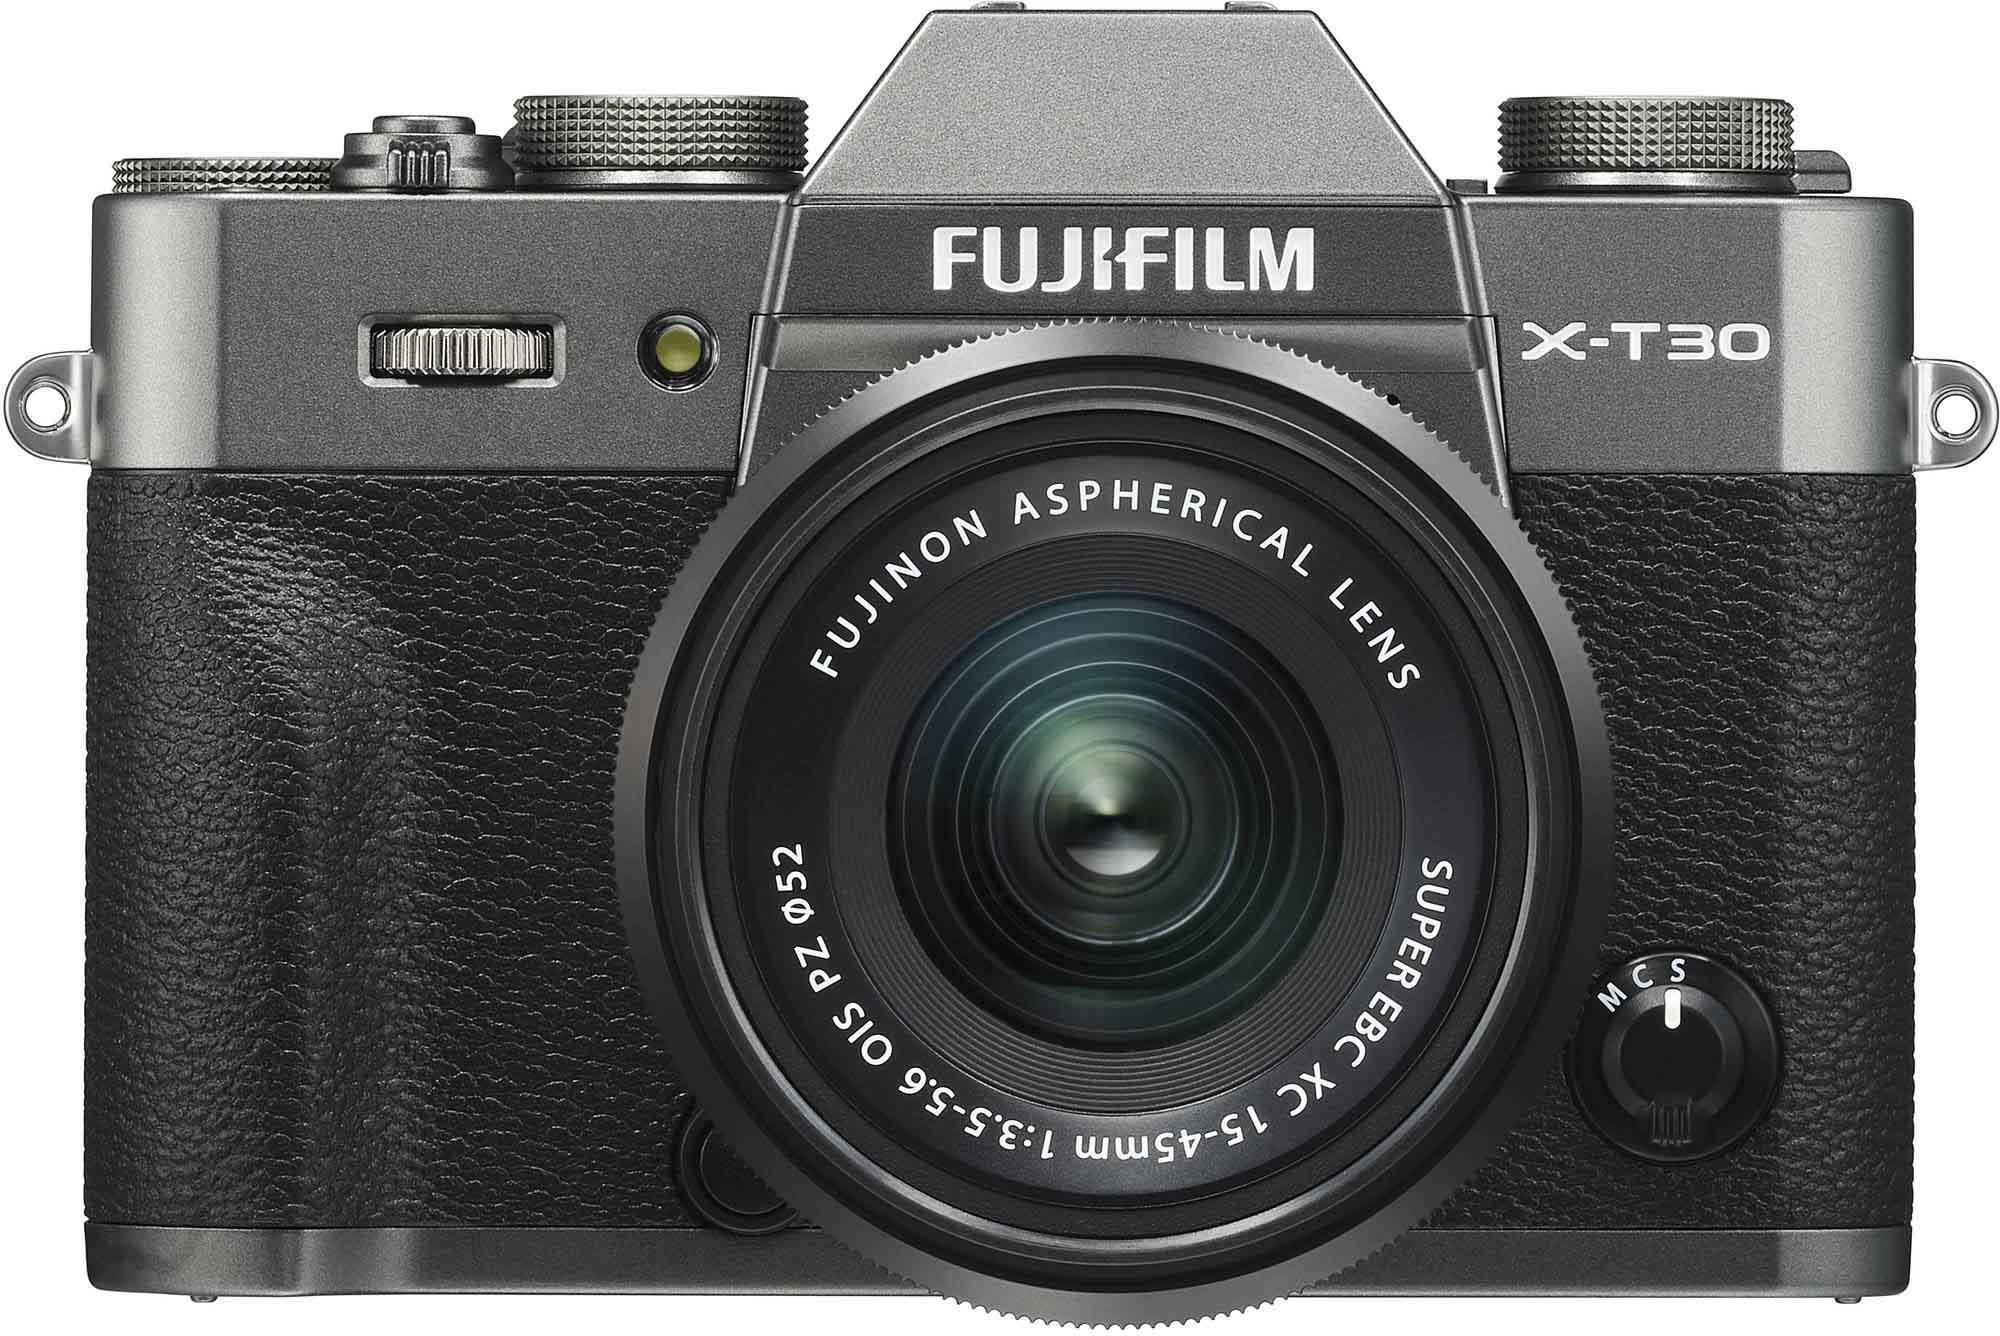 Fujifilm X-T30 + 15-45mm Kit, kokogles pelēks 4547410399943 16619401 Digitālā kamera